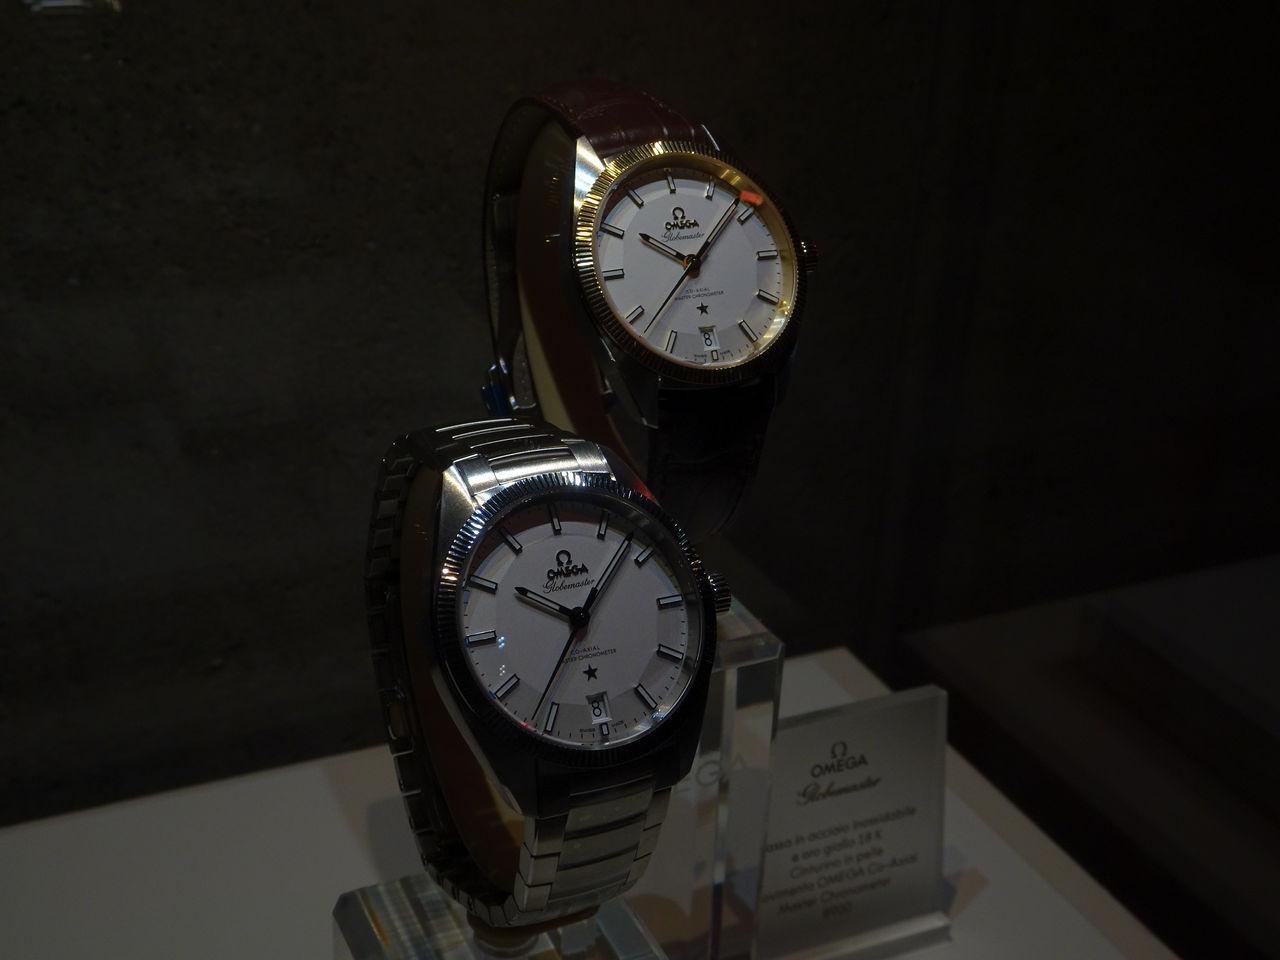 omega-presenta-la-collezione-globemaster-cracco-nina-zilli-milano-metas_0-10036